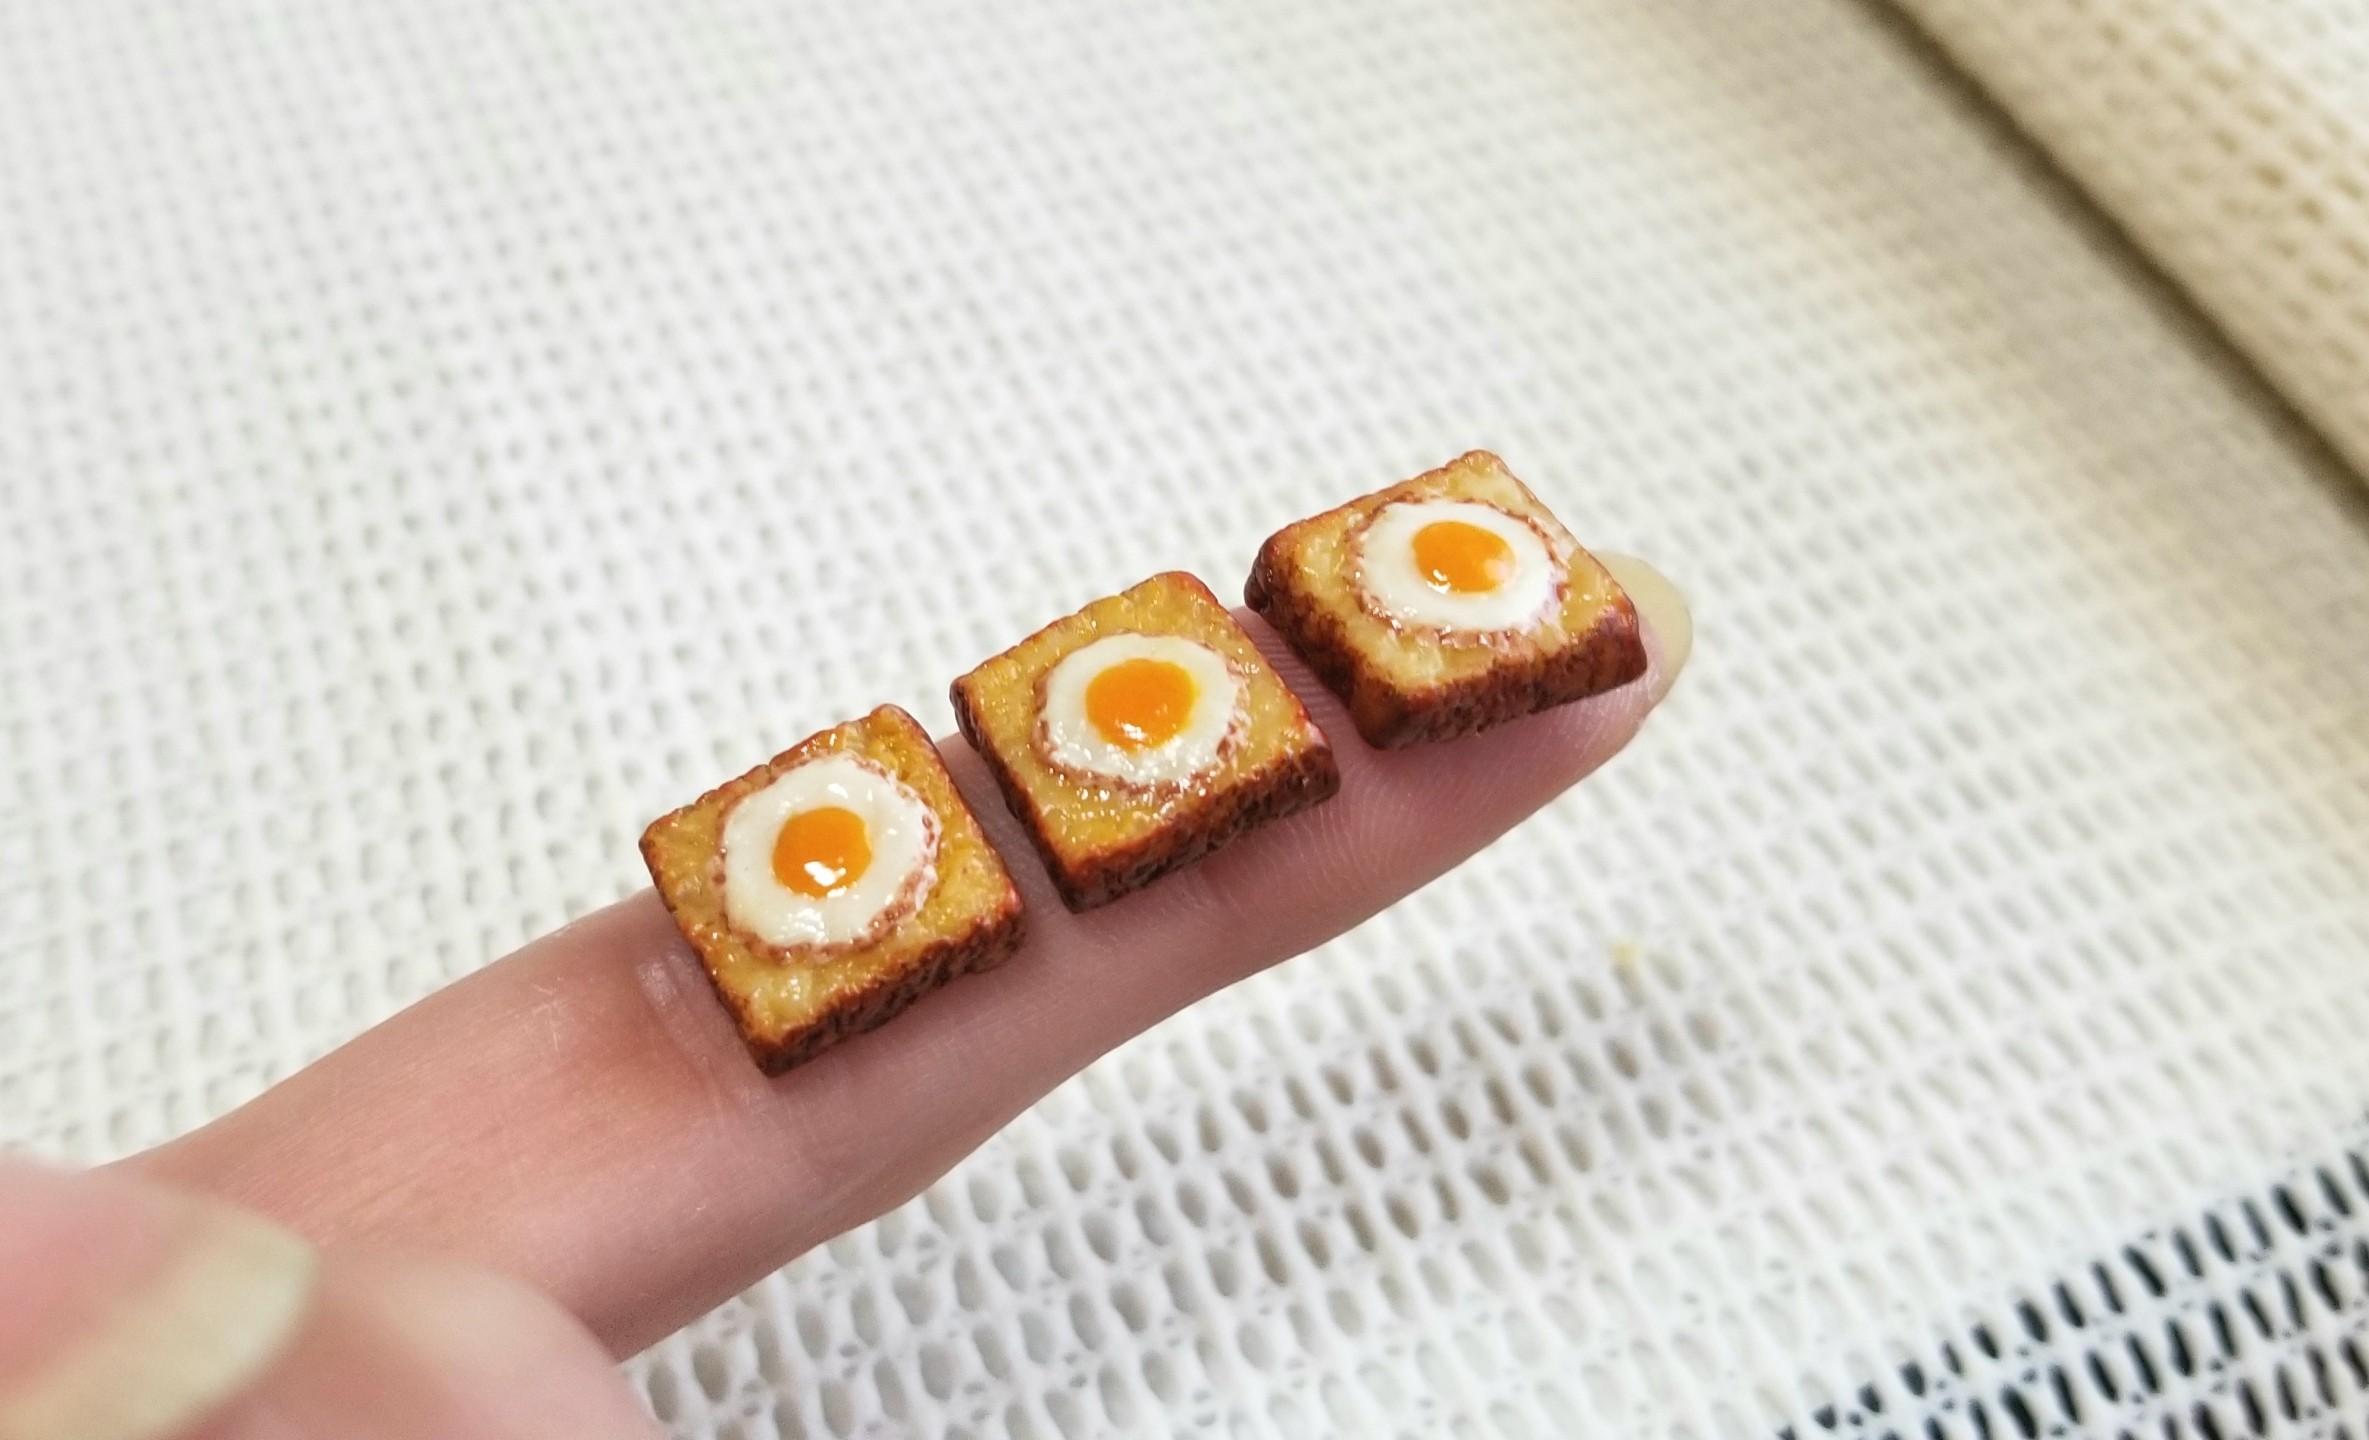 ミニチュアフード, 目玉焼きトースト, 食パン, 樹脂粘土, シルバニア